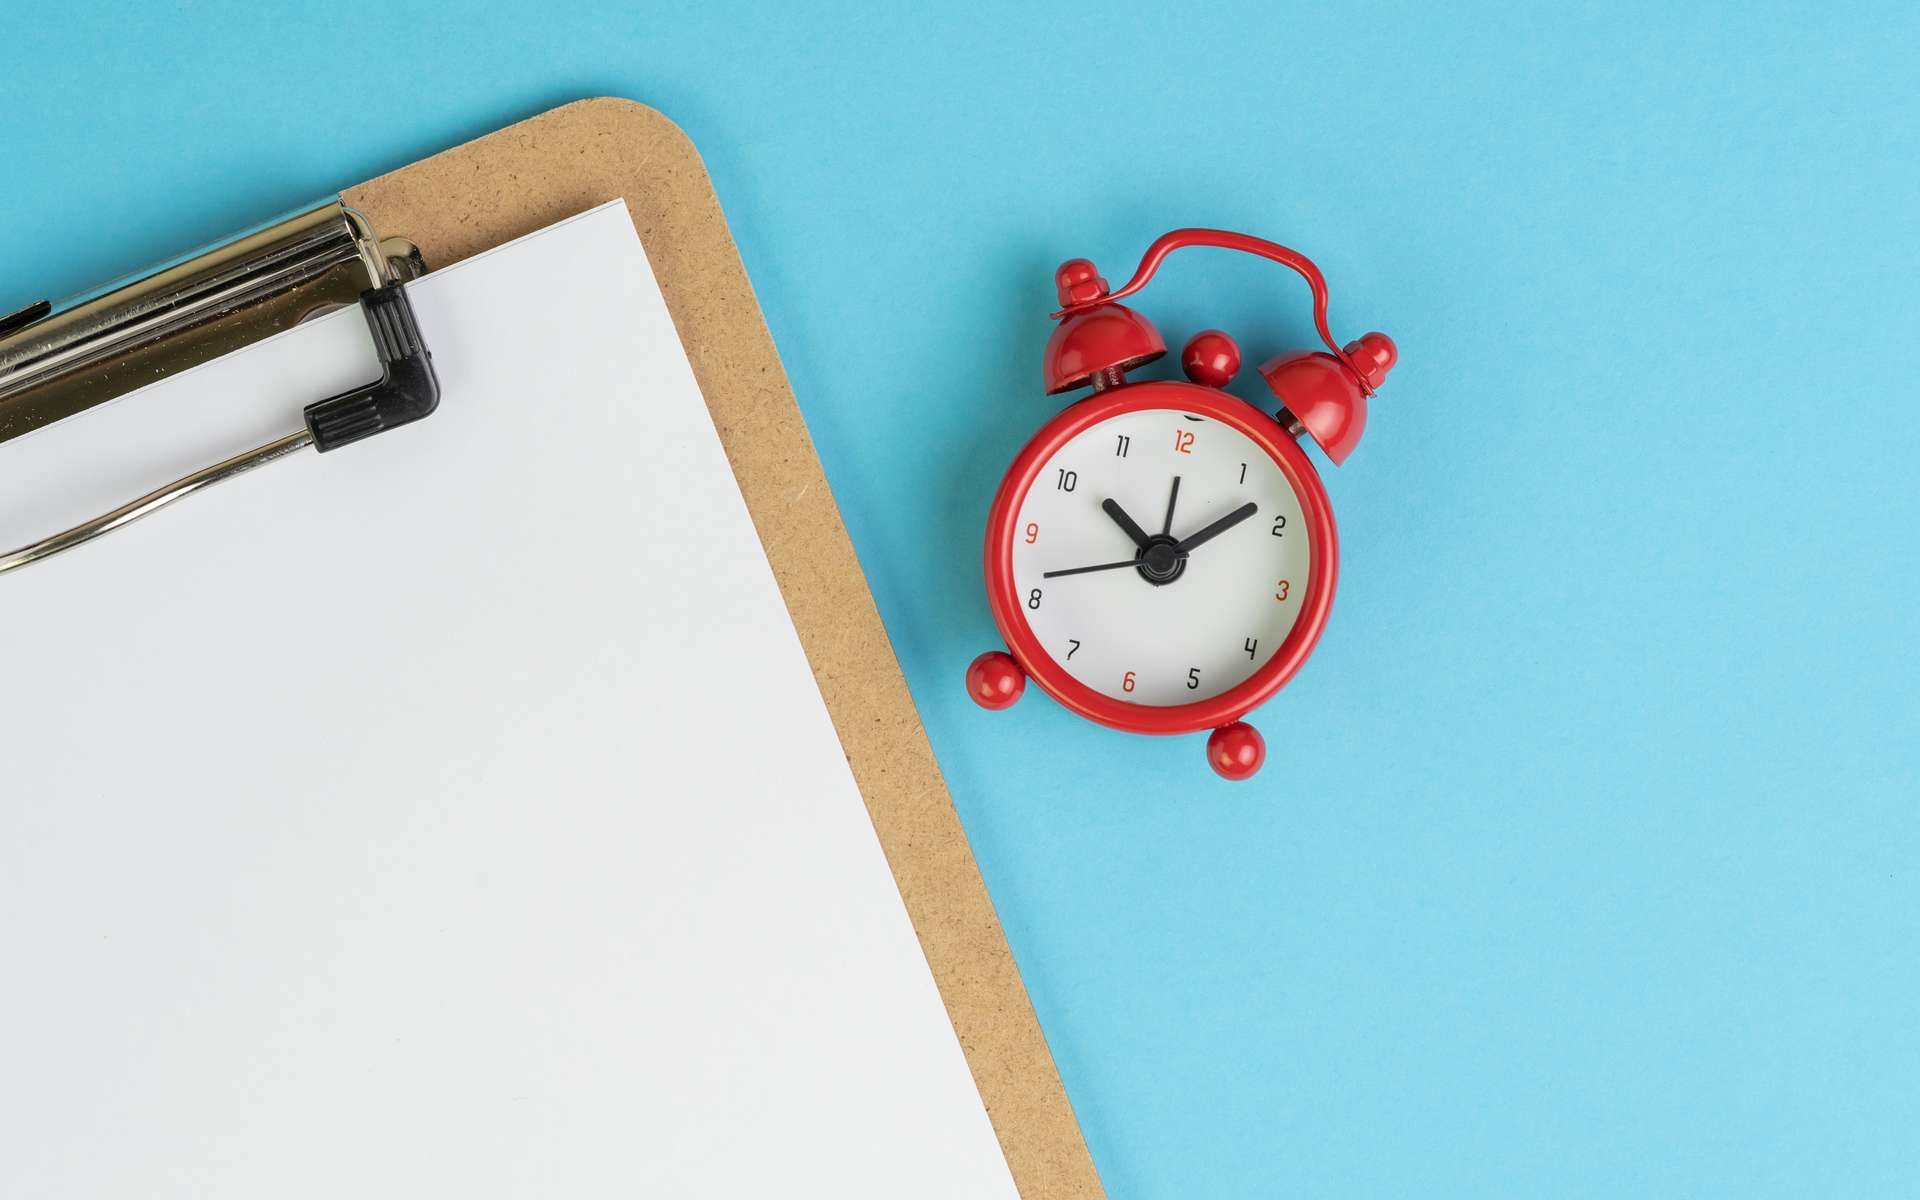 La procrastination est la tendance à tout remettre à plus tard. © Nuthawut, Adobe Stock